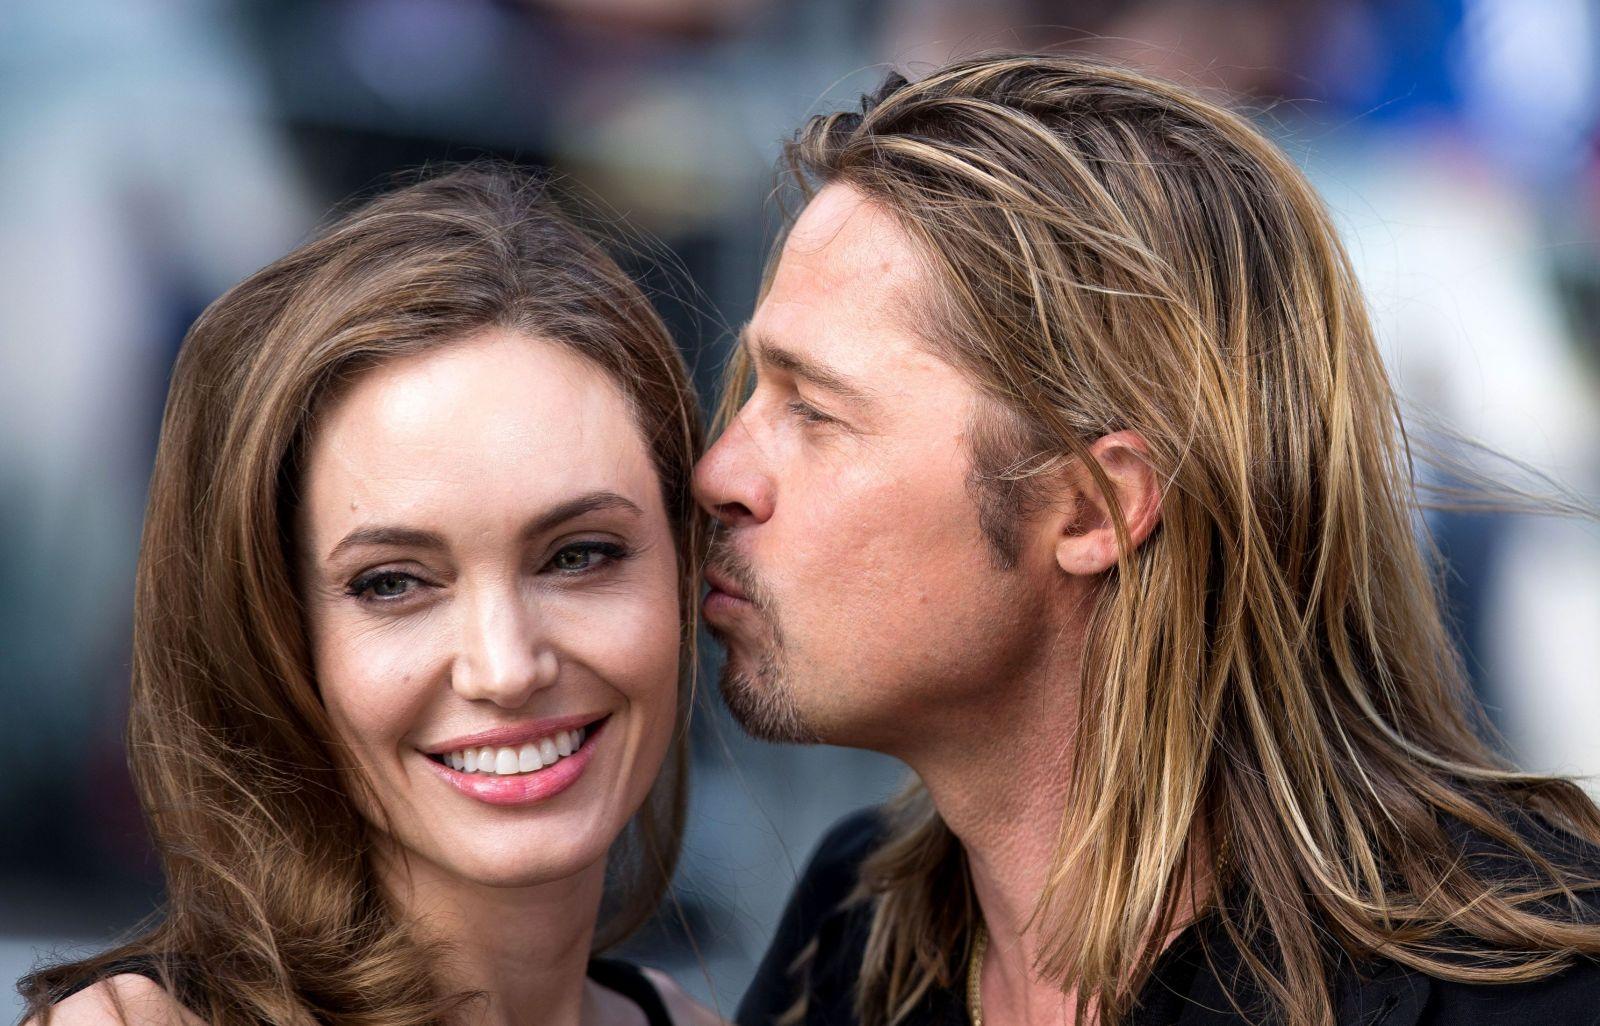 Лучшие моменты Анджелины Джоли и Брэда Питта (ФОТО)